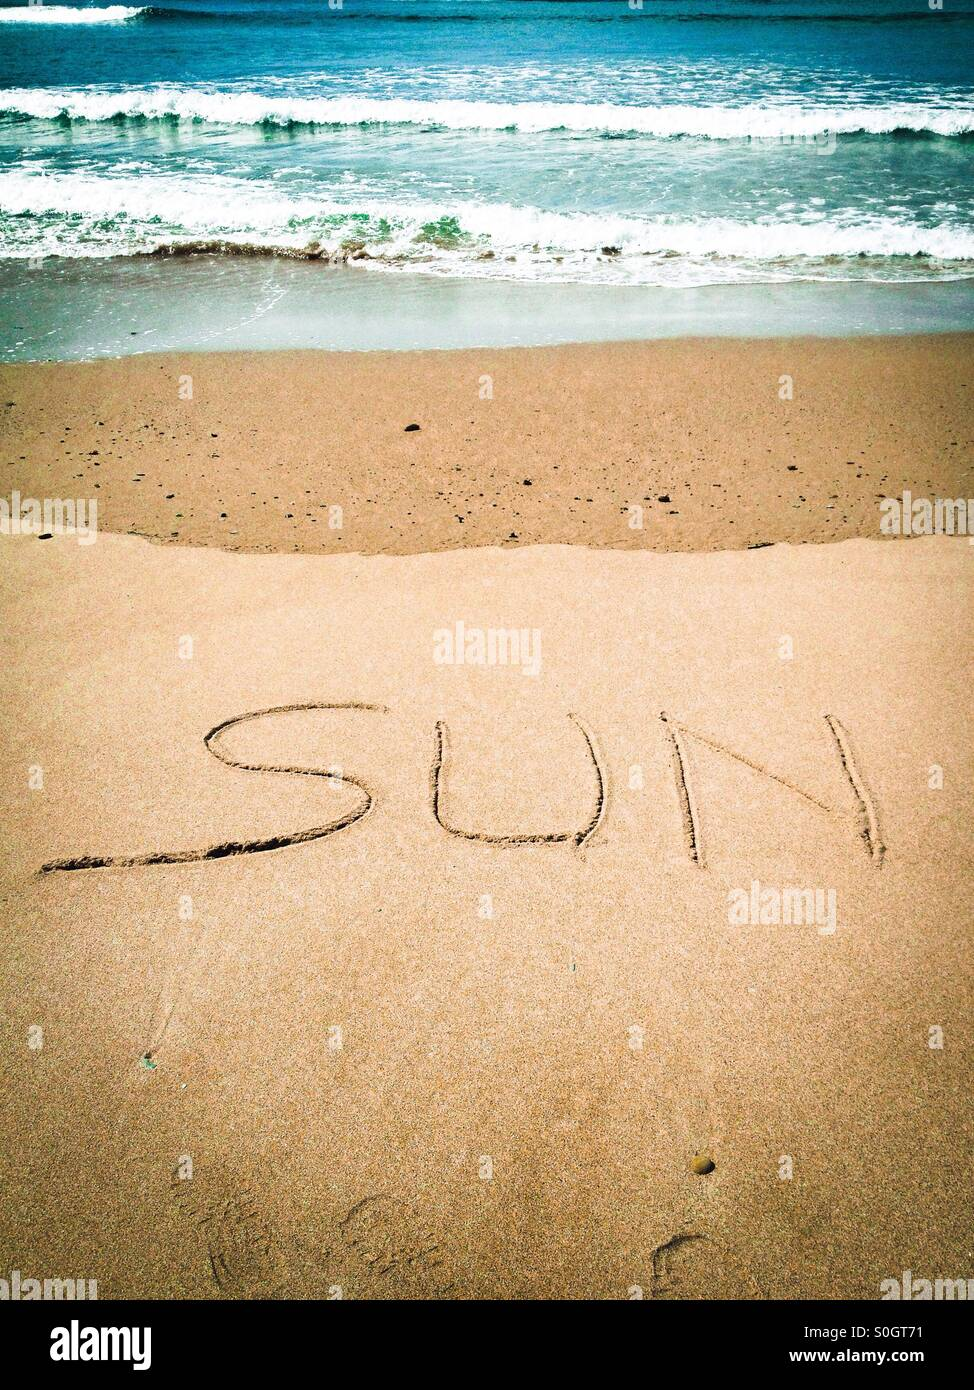 Le mot écrit dans le sable soleil Photo Stock